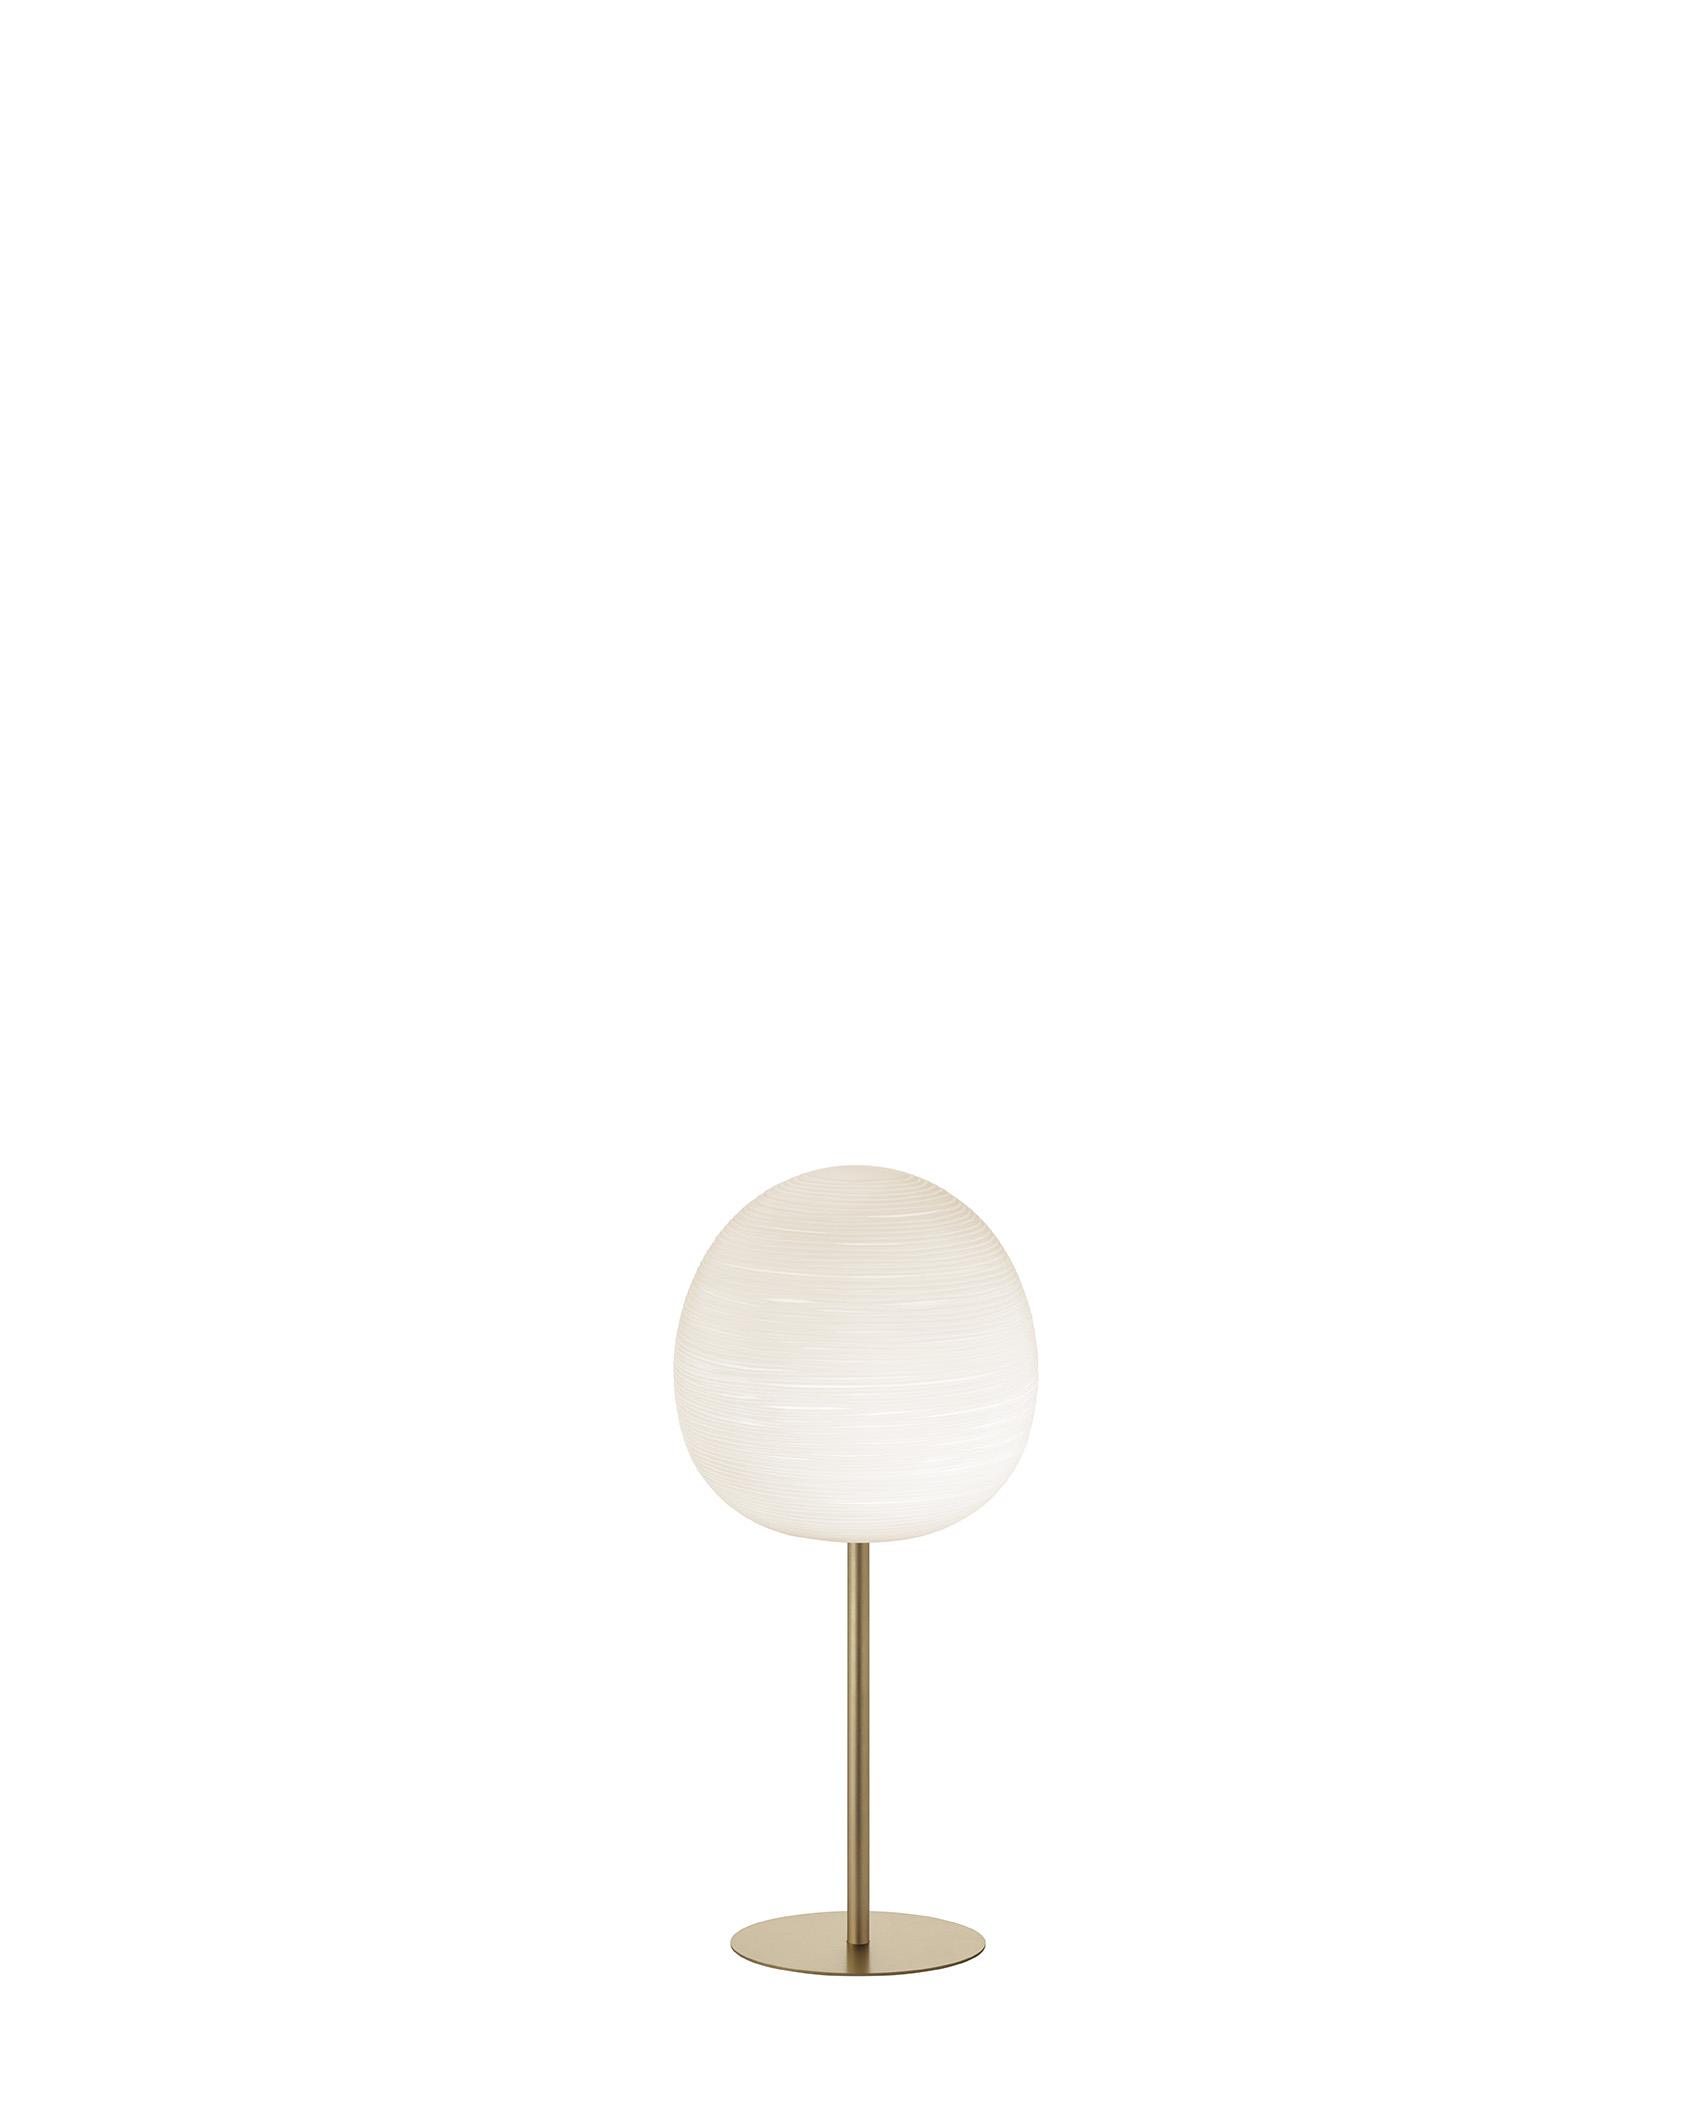 Lampada da tavolo Rituals XL Mix&Match in vetro soffiato satinato inciso e metallo verniciato color oro realizzata da Ludovica+Roberto Palomba per Foscarini